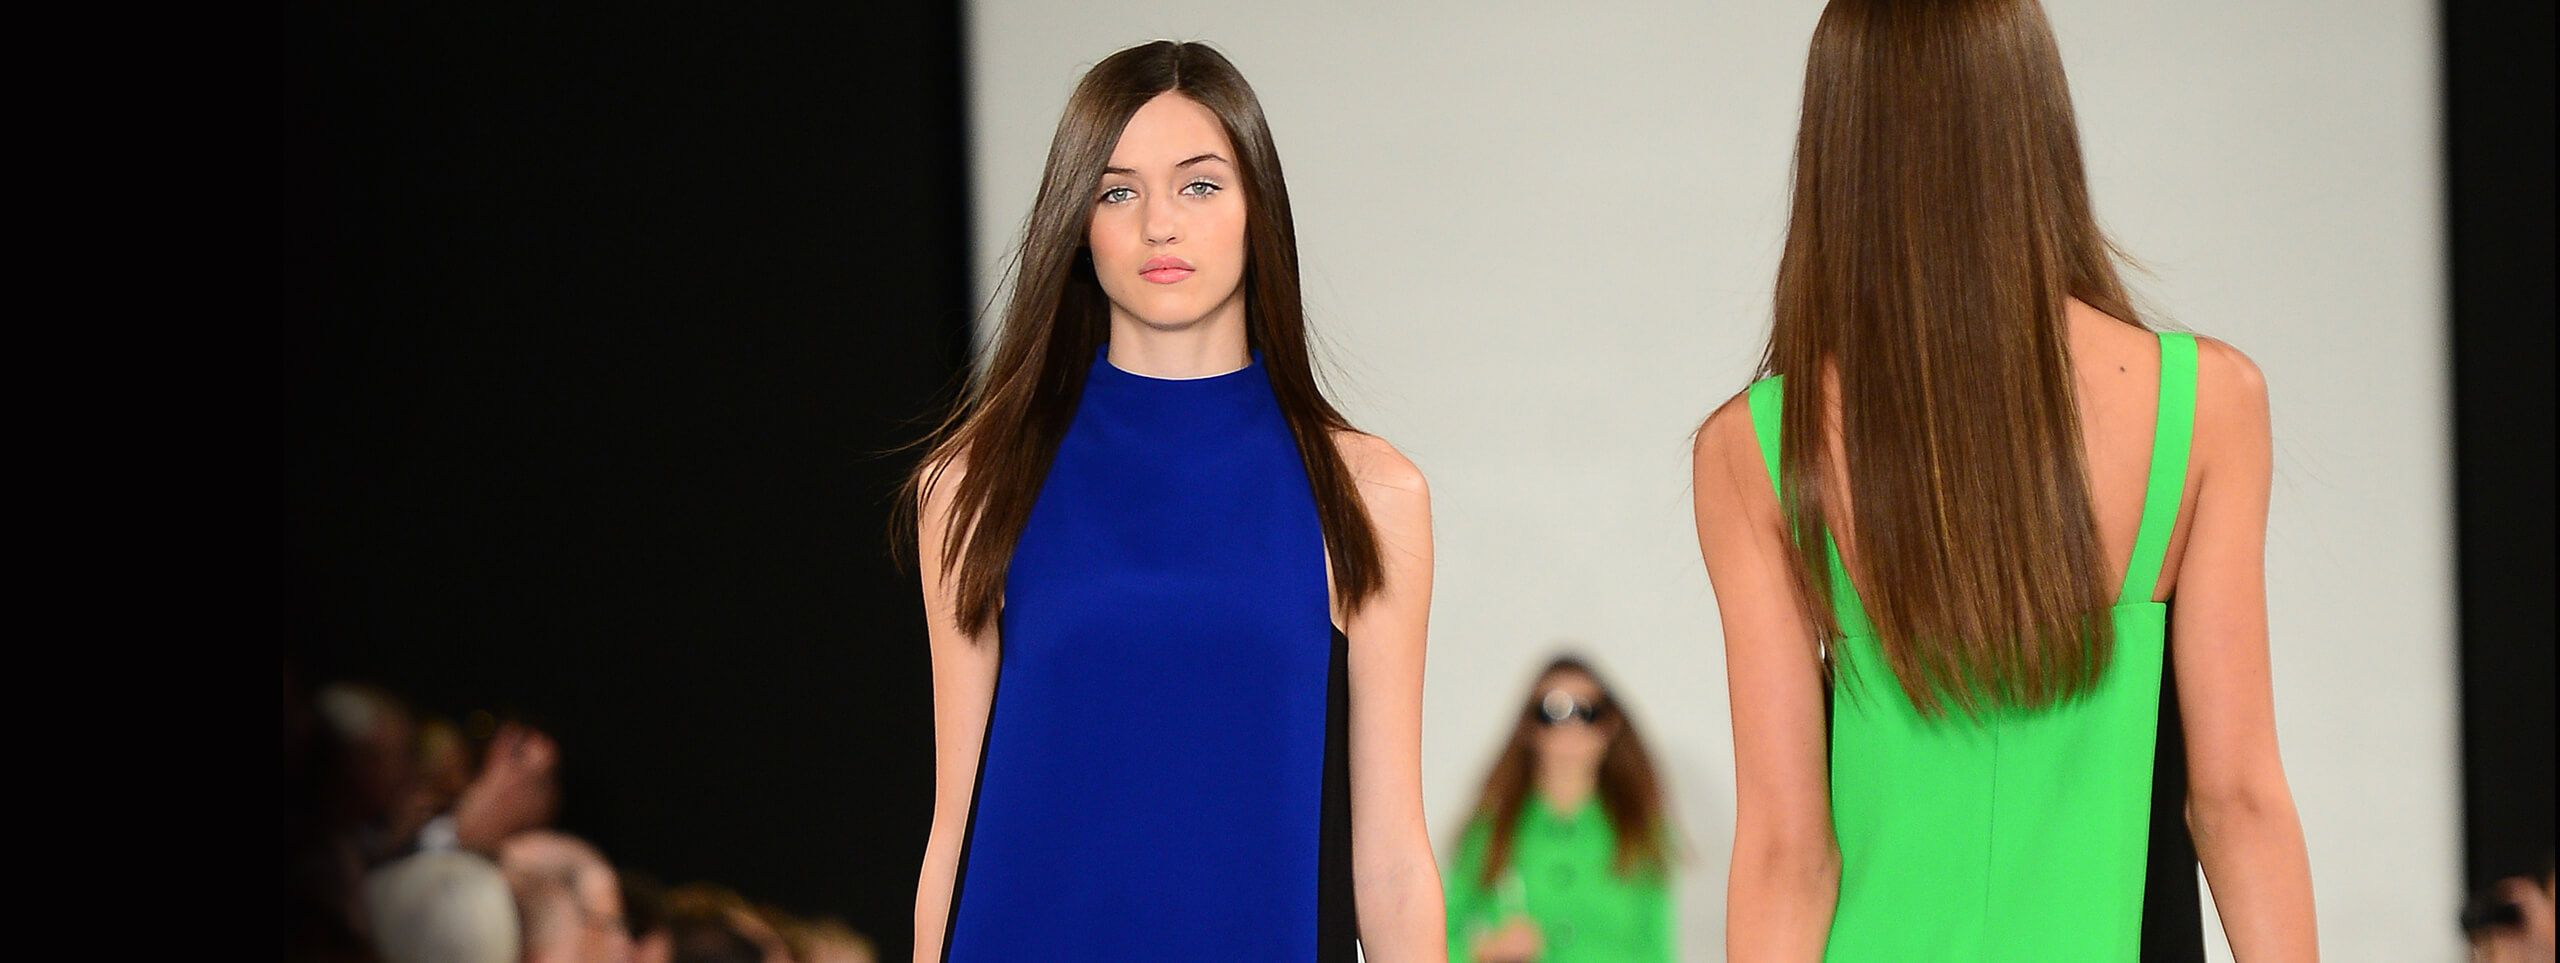 Modelos con diferentes tonos de color de cabello castaño